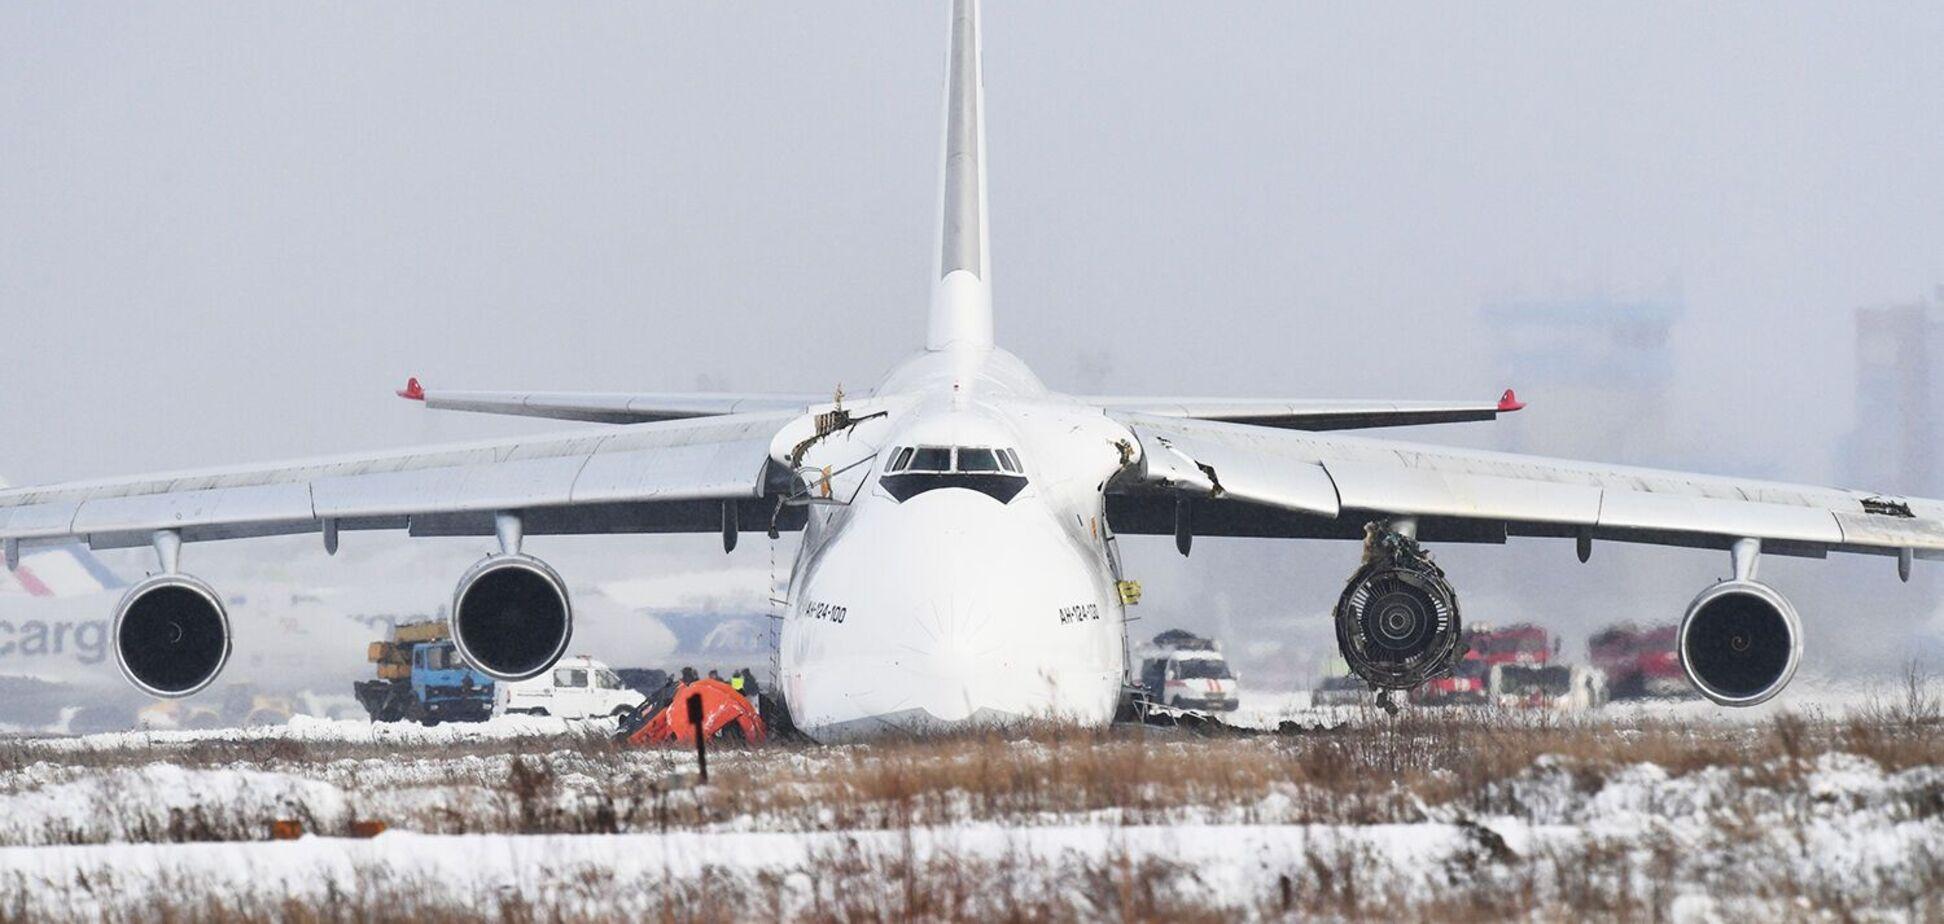 Літак 'Руслан' отримав пошкодження під час аварійної посадки в Новосибірську